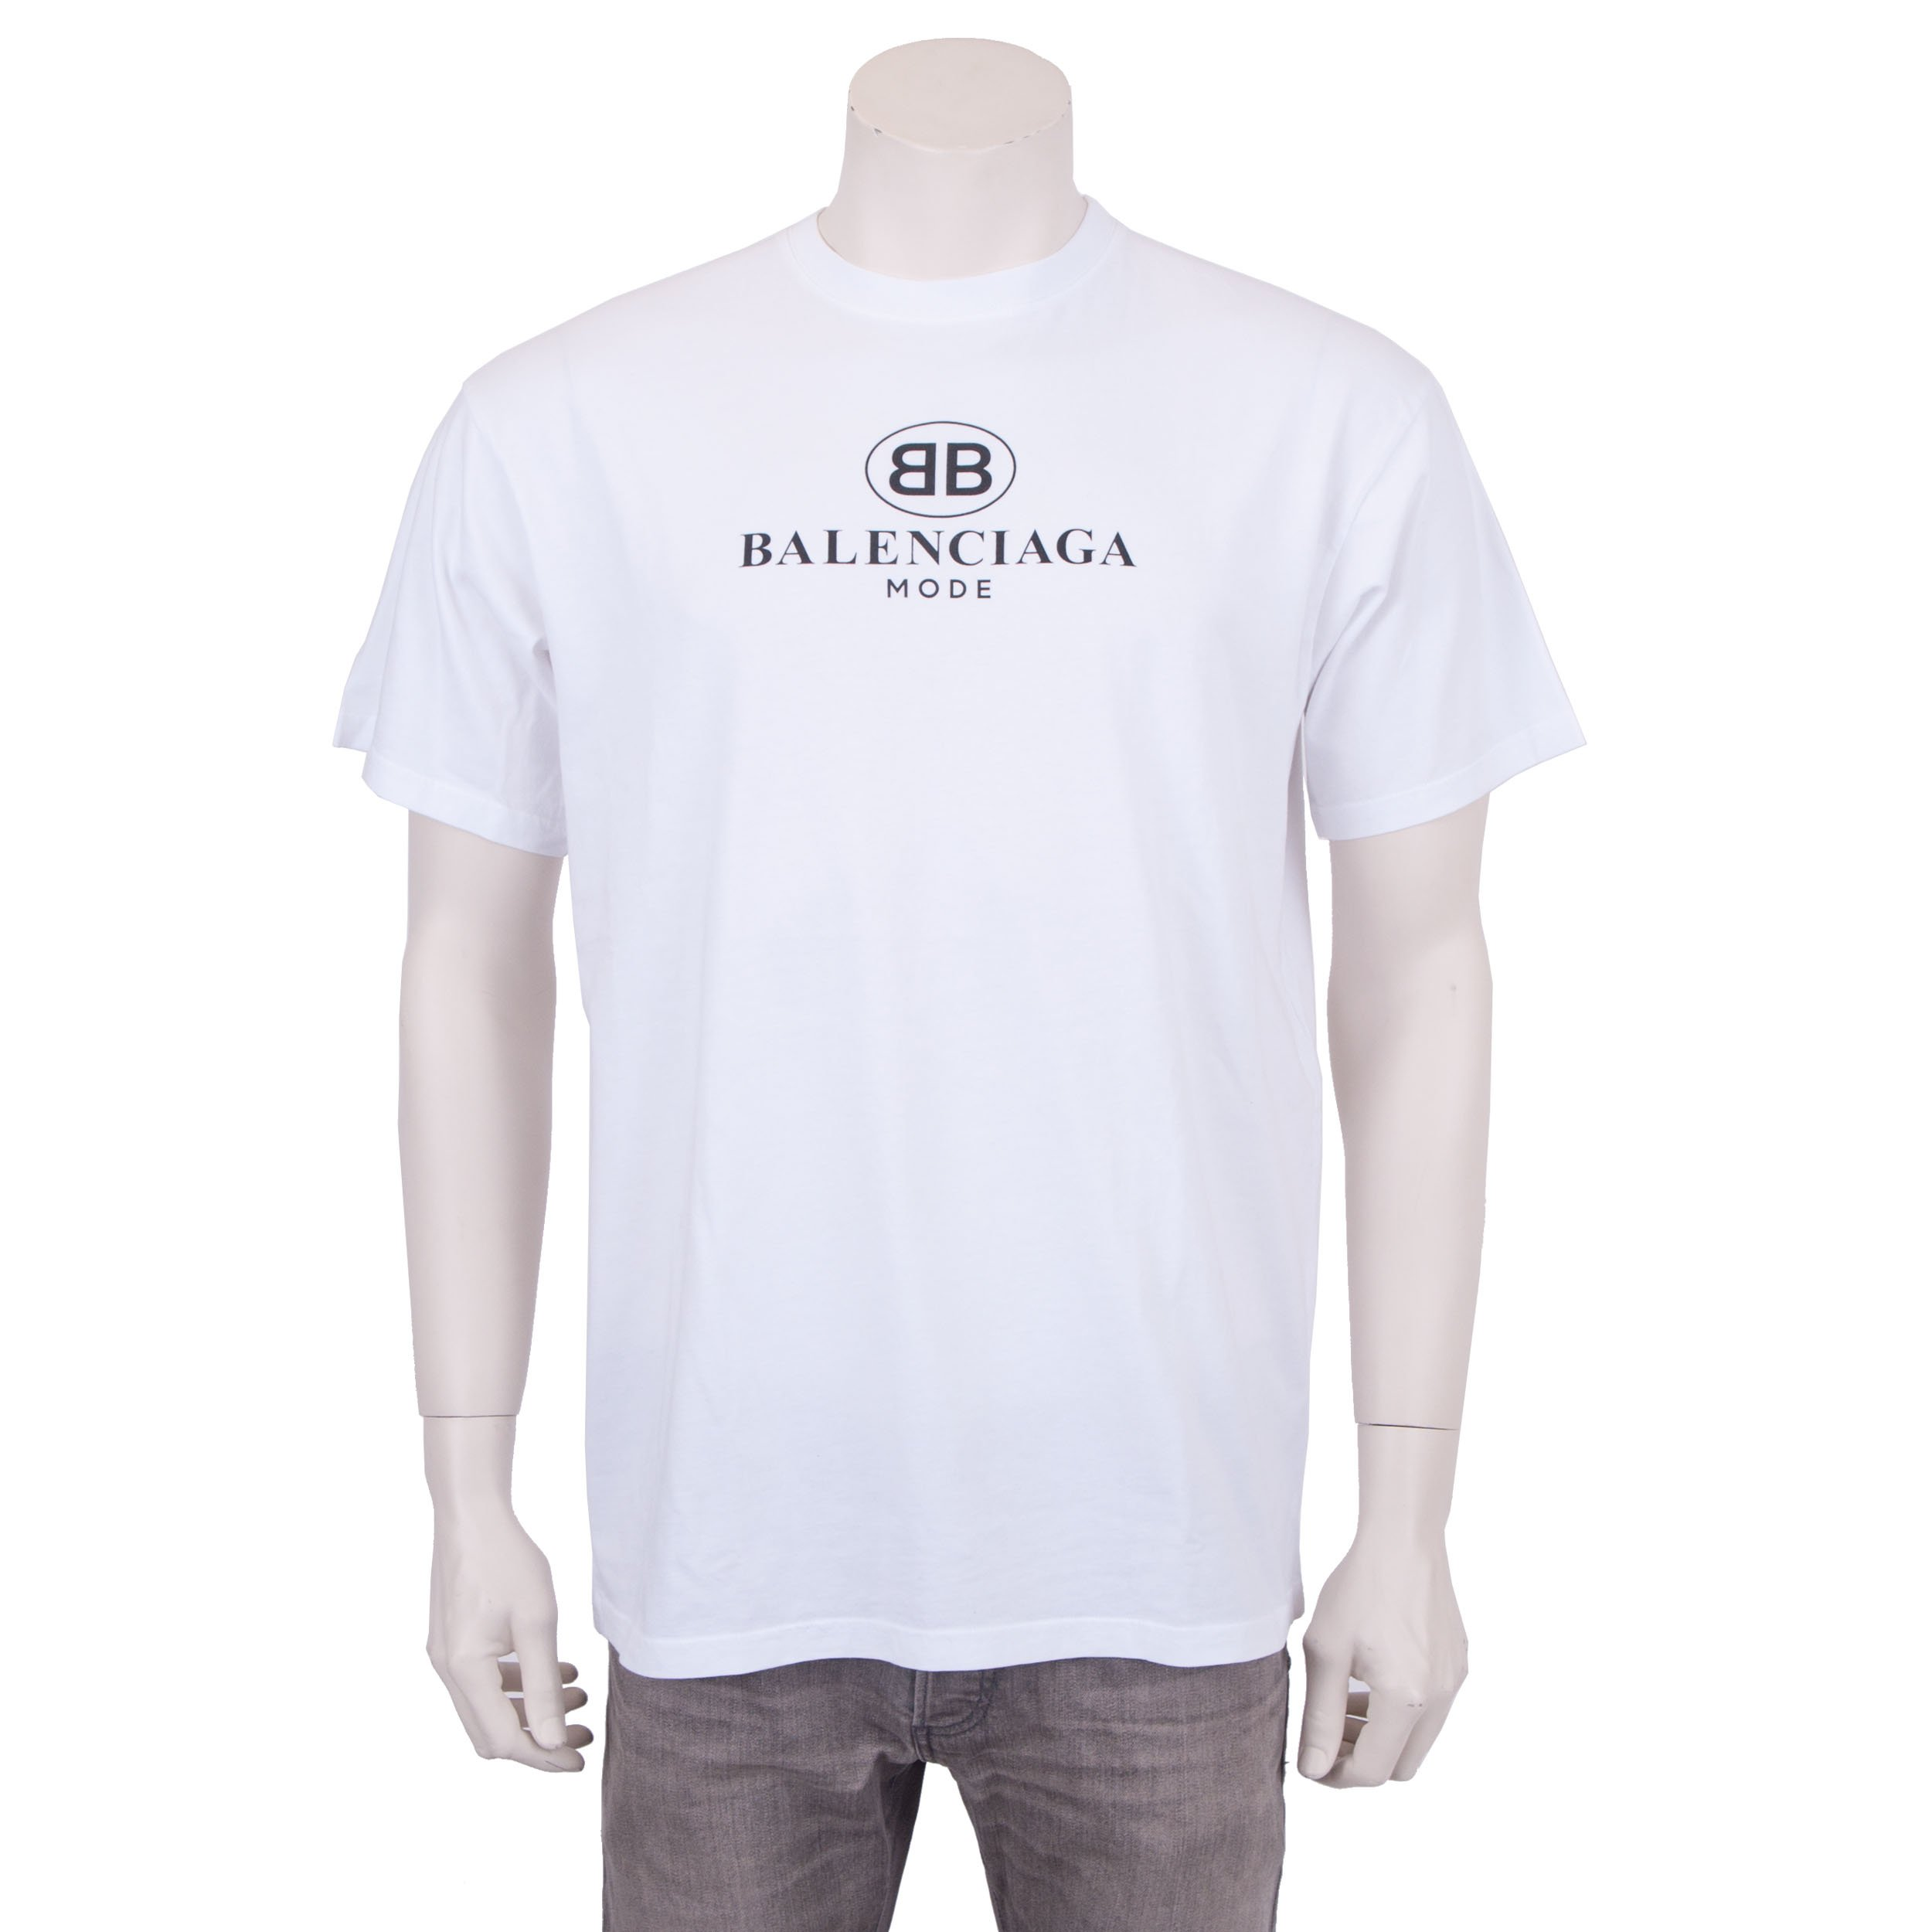 97a6fbf4 Balenciaga Balenciaga Mode Logo White Tee   Grailed